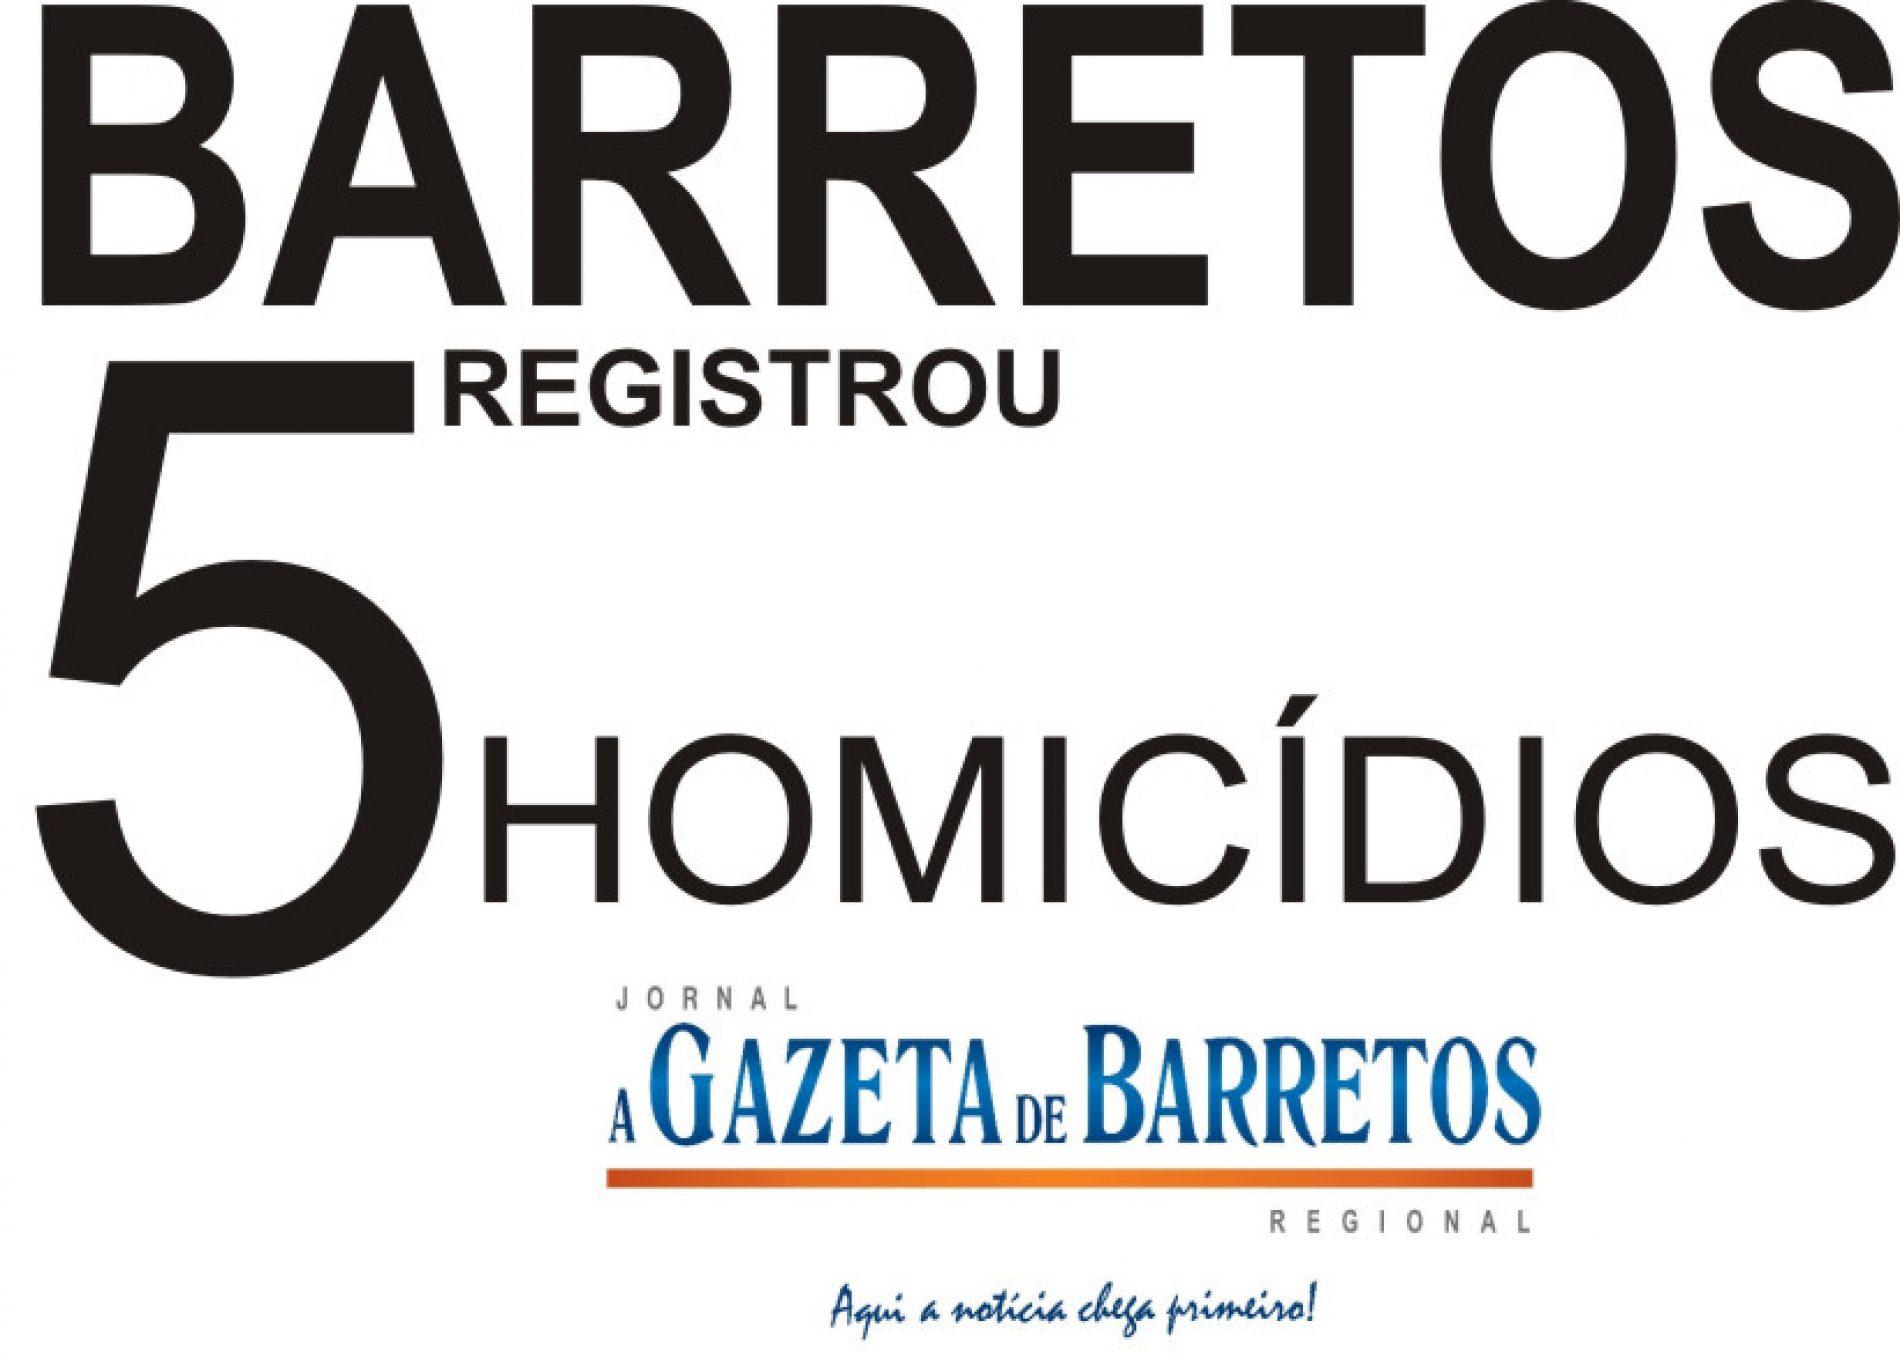 Barretos registrou o quinto homicídio em menos de dois meses